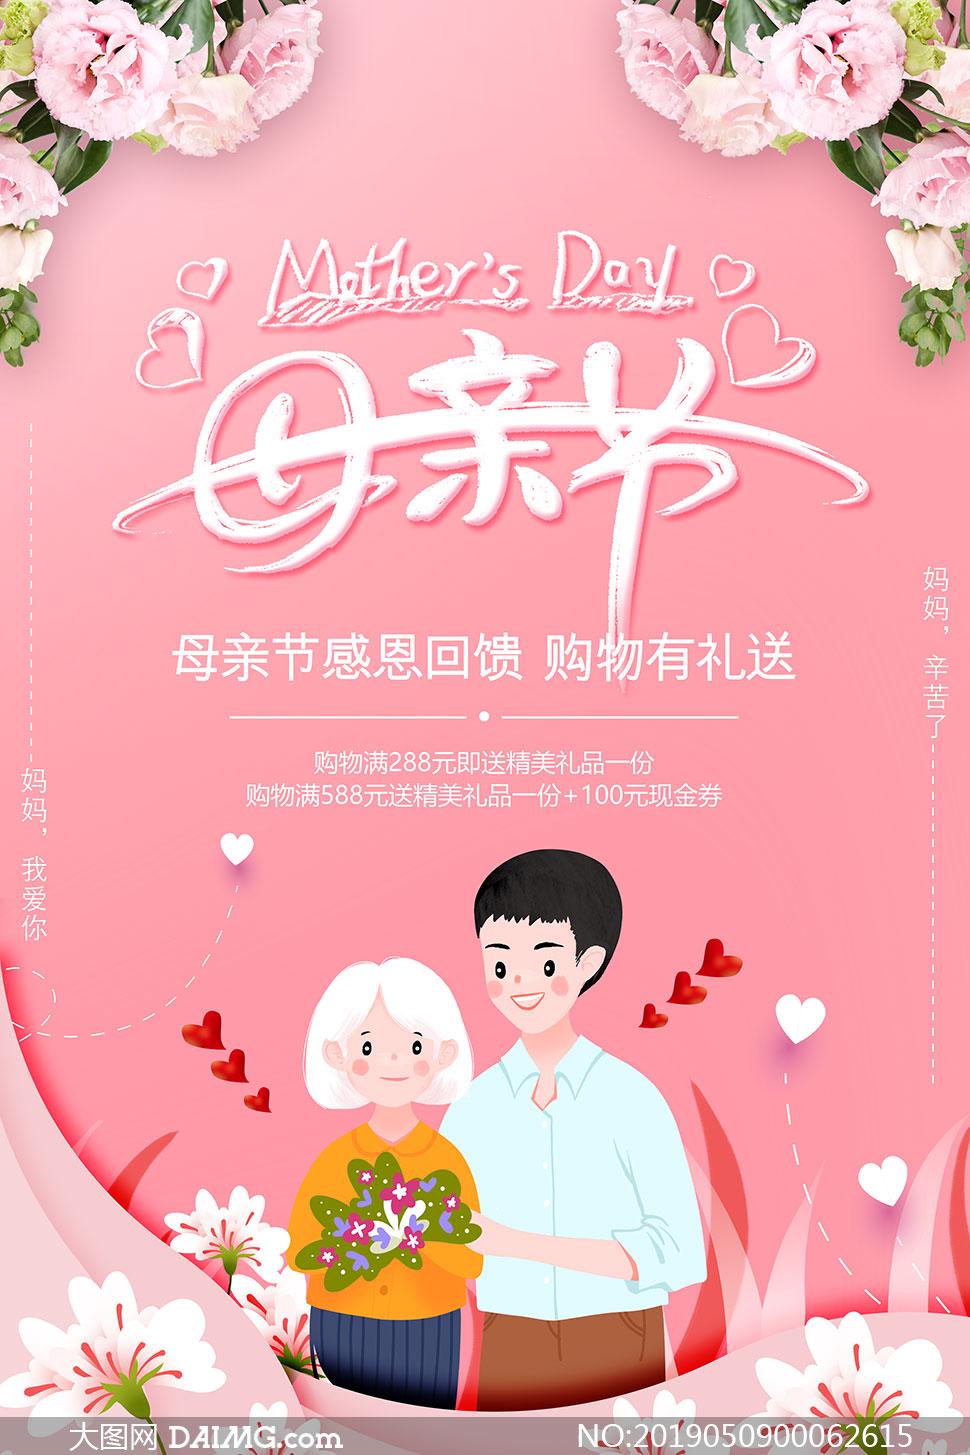 母亲节感恩回馈购物促销海报PSD素材